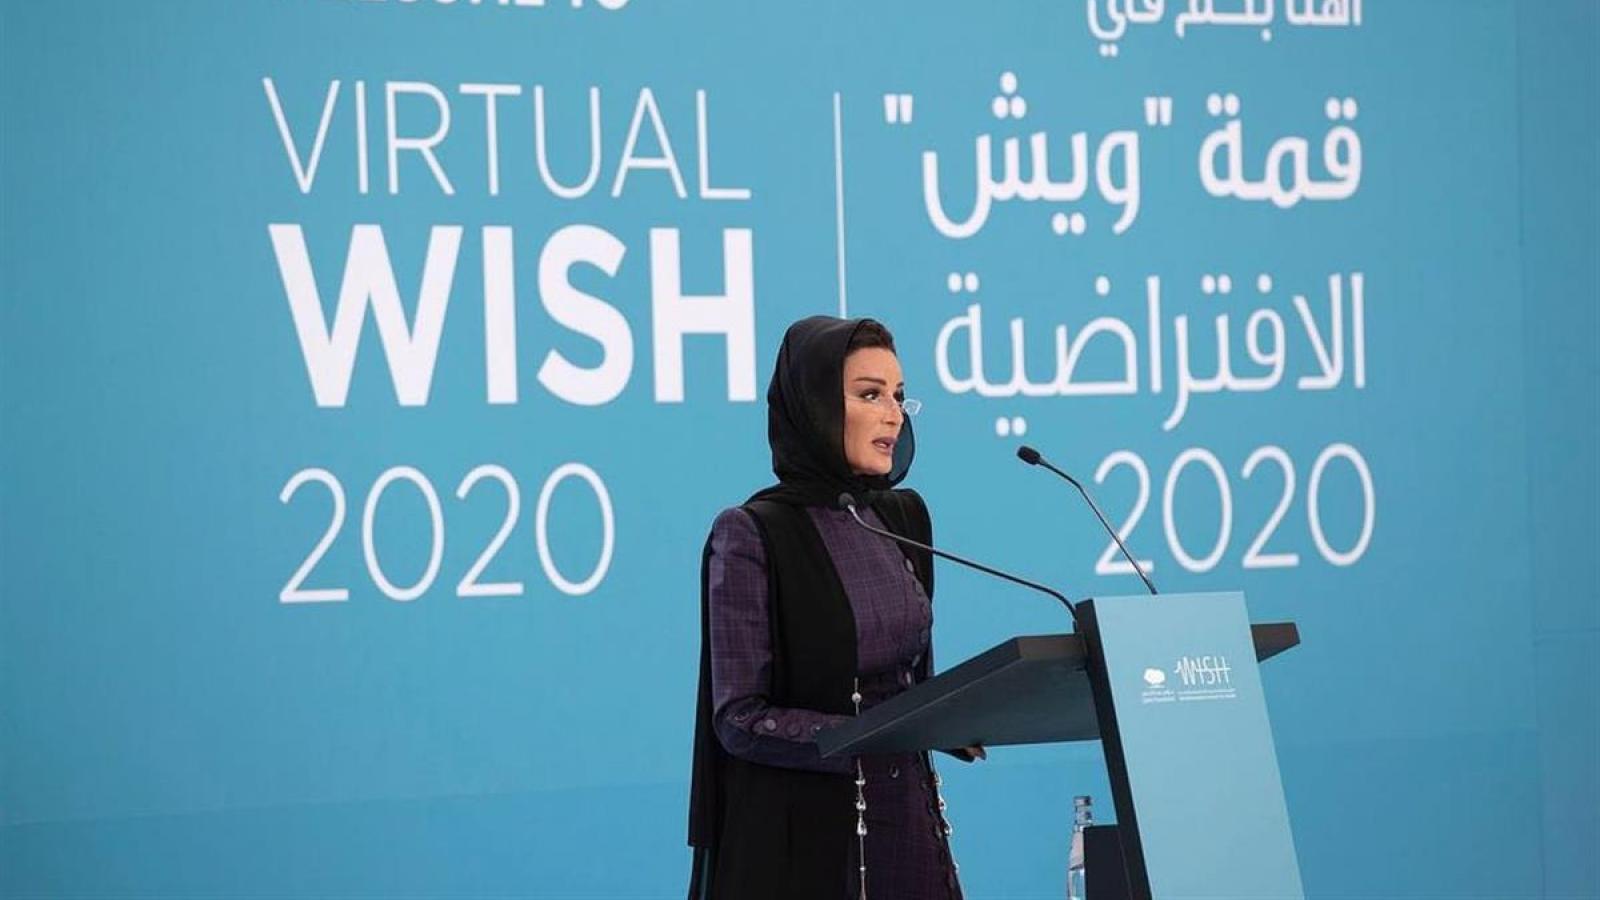 Sheikha Moza inaugurates WISH 2020